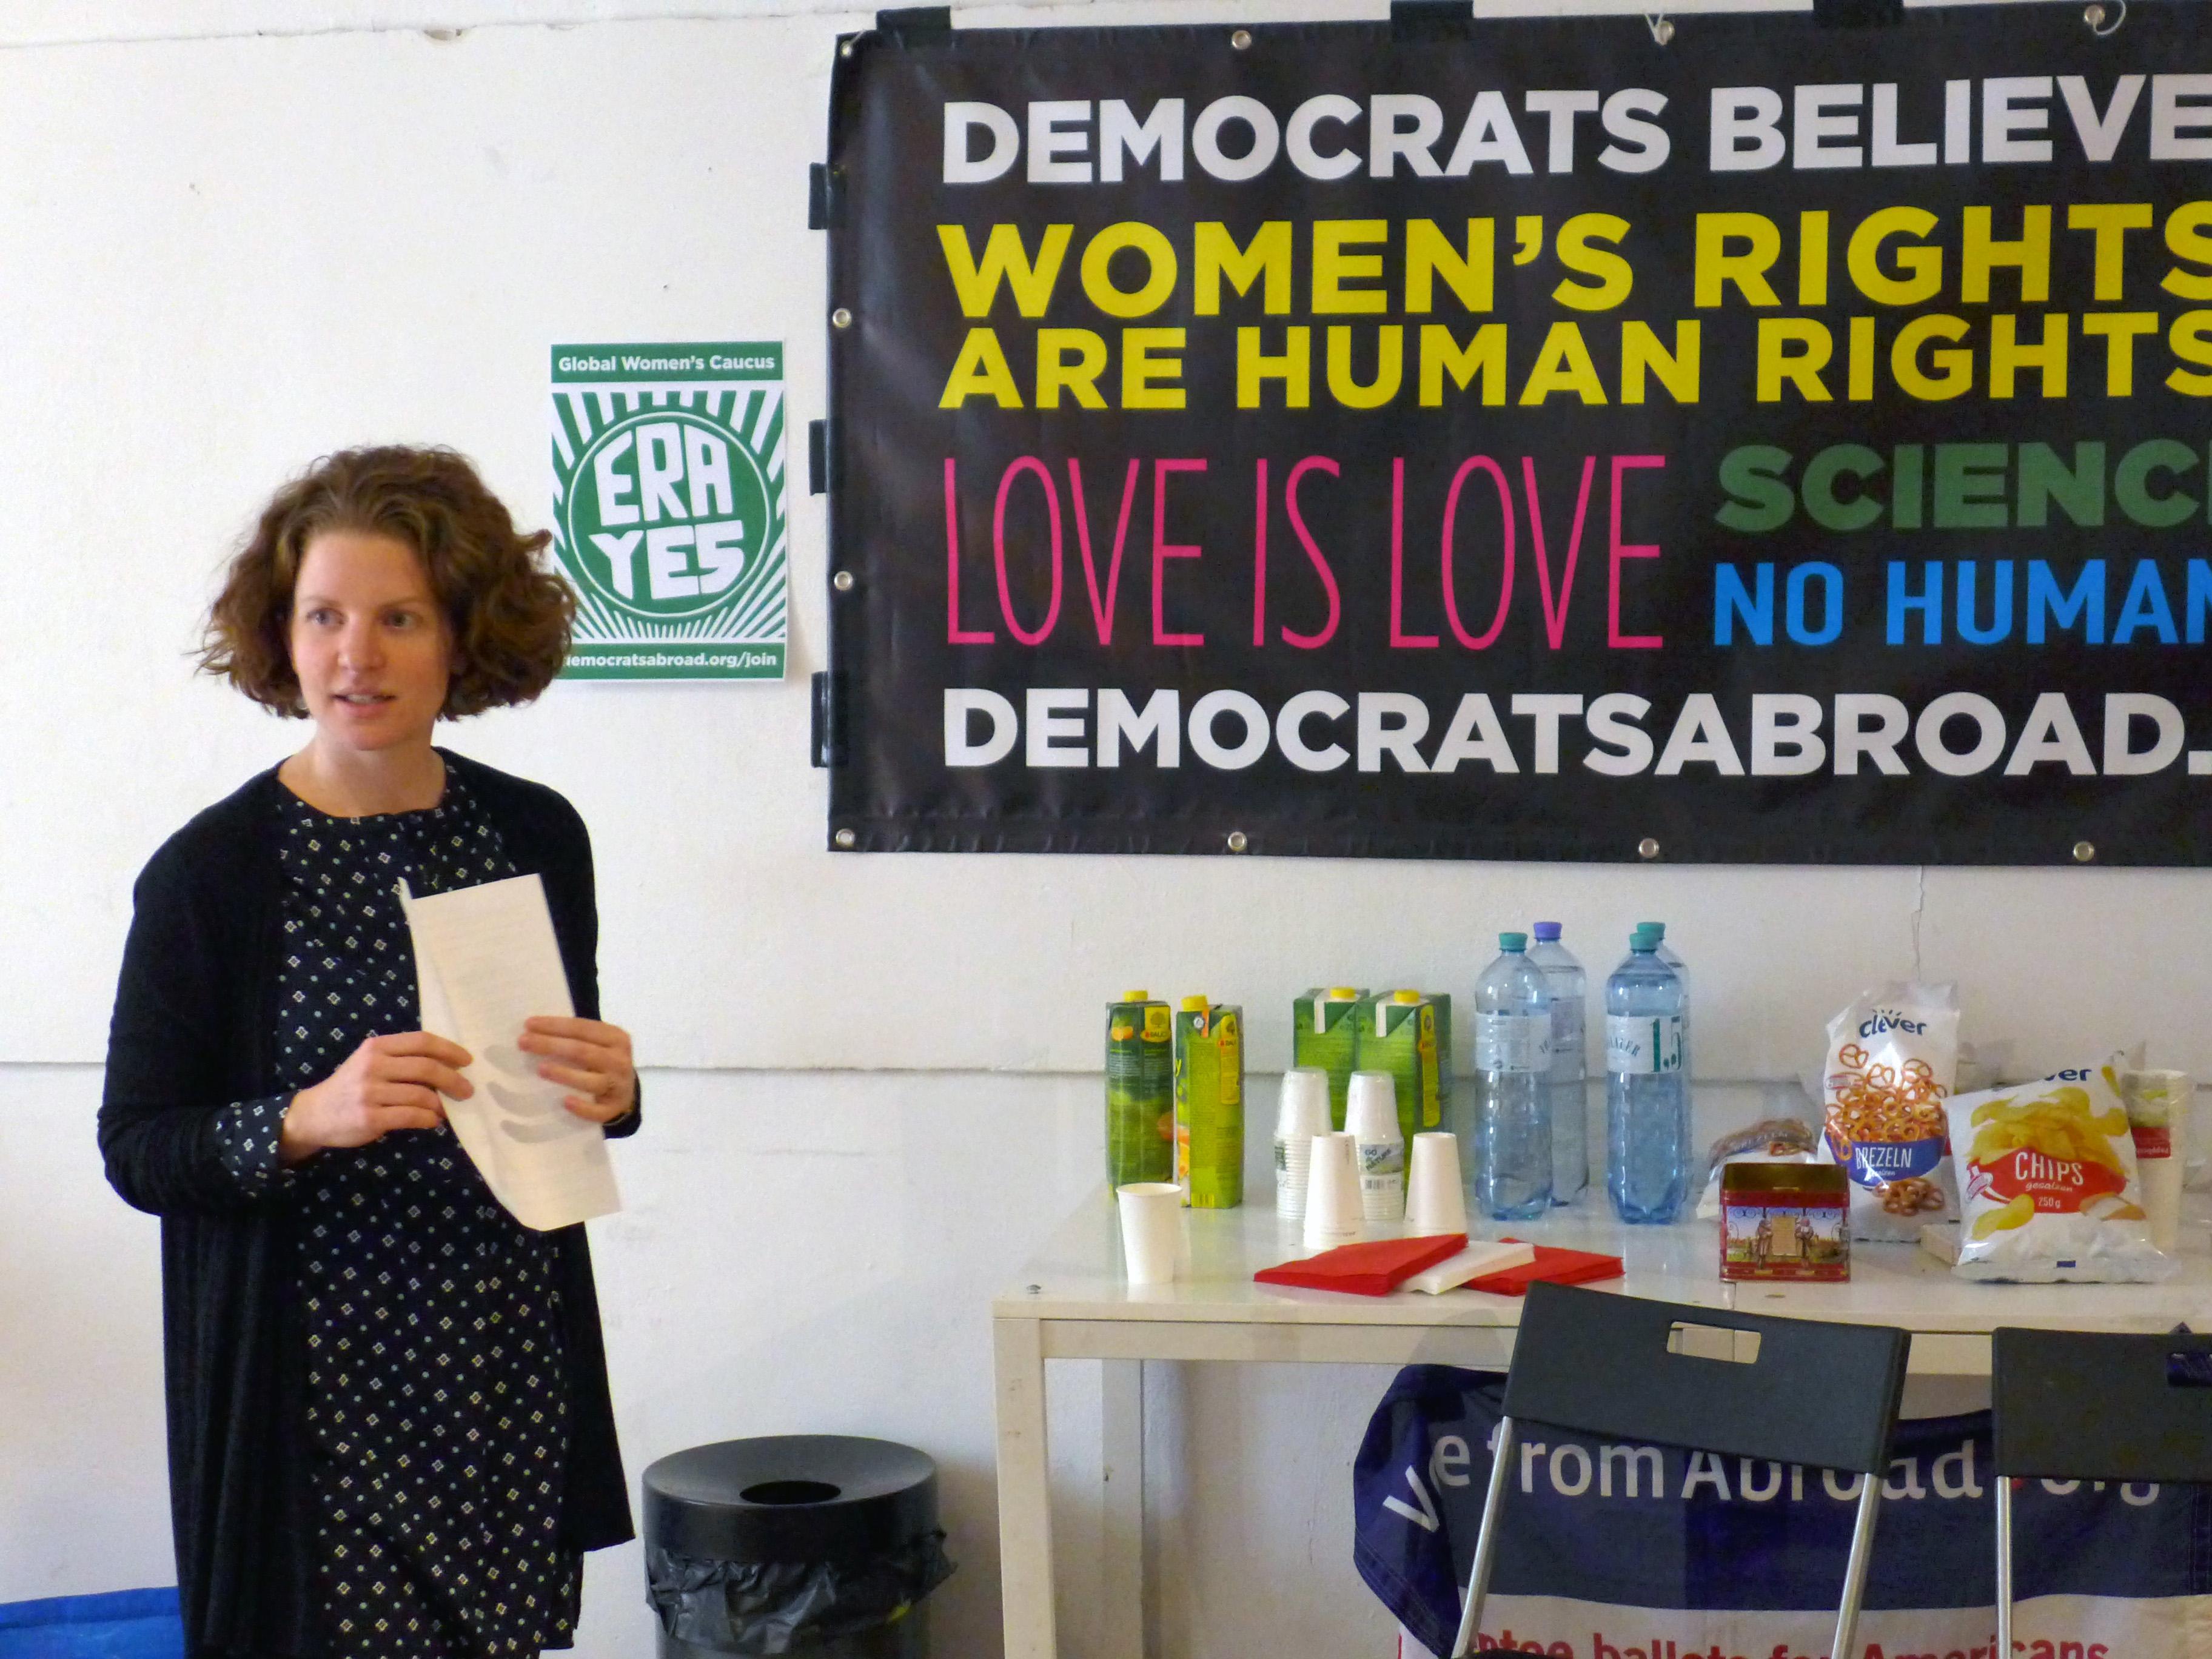 News - Democrats Abroad